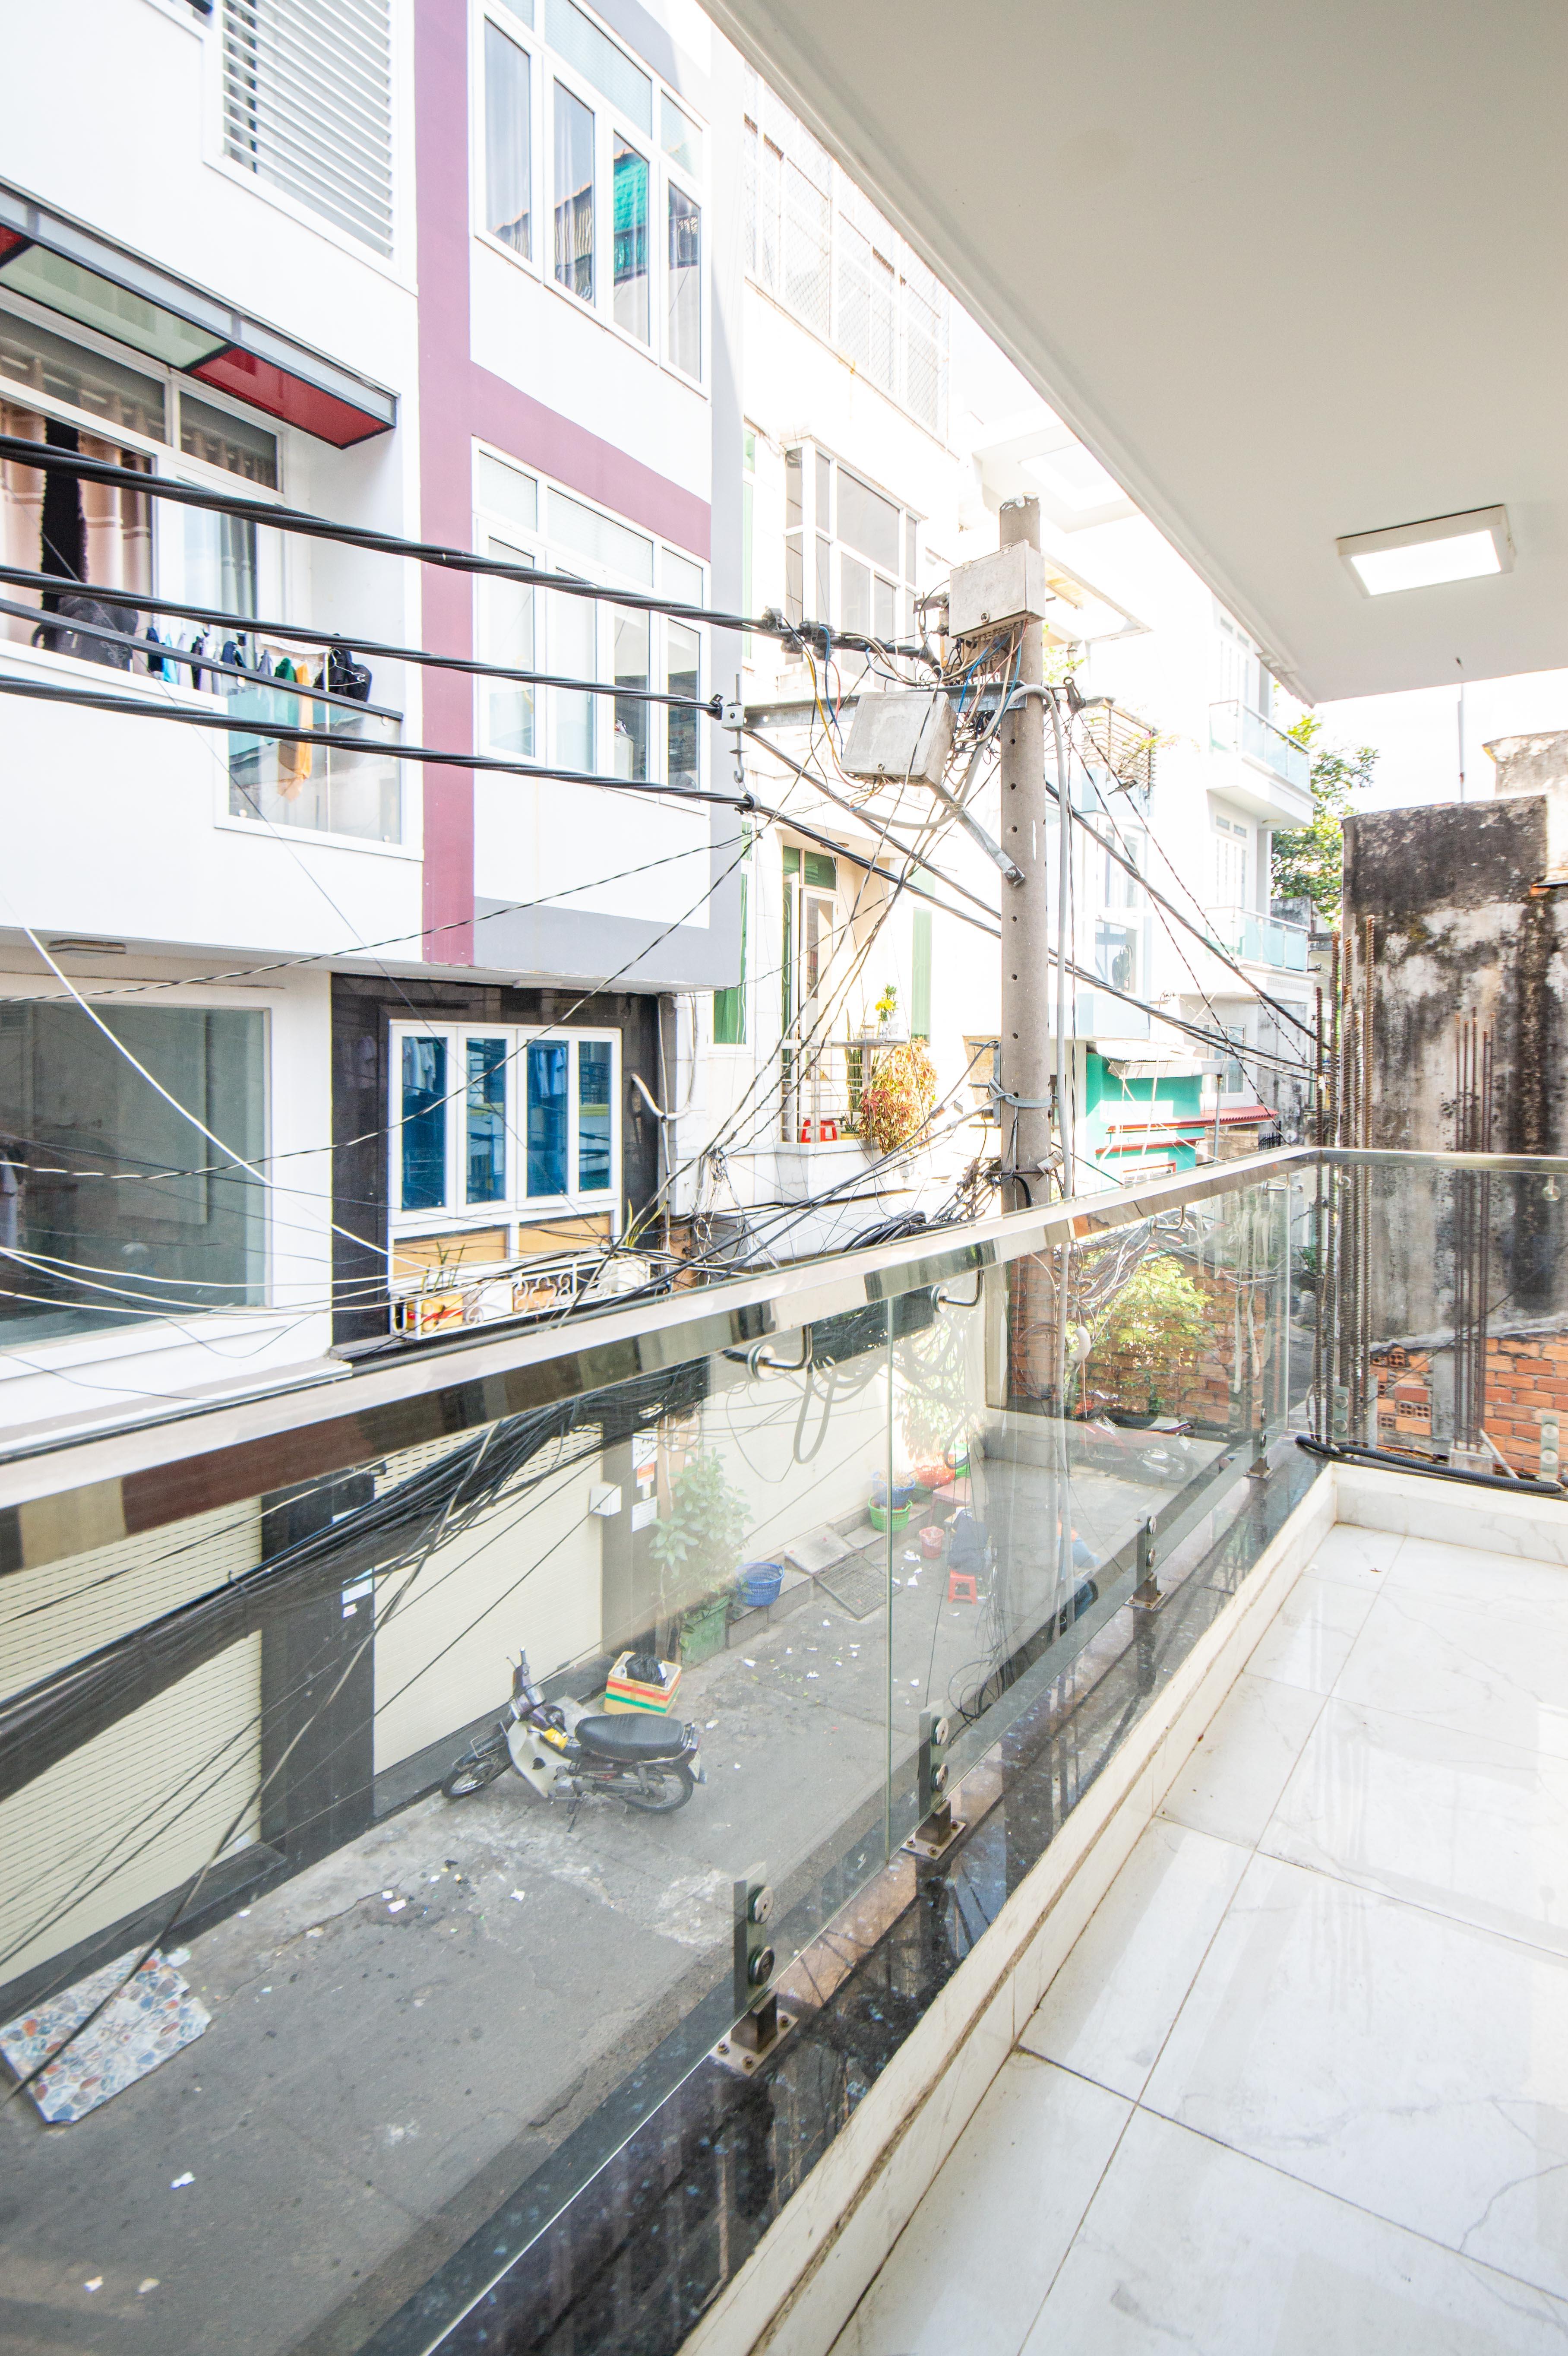 Cho Thuê Căn hộ 1 PN Trần Văn Đang Apartment - Ban Công Rộng Rãi -6